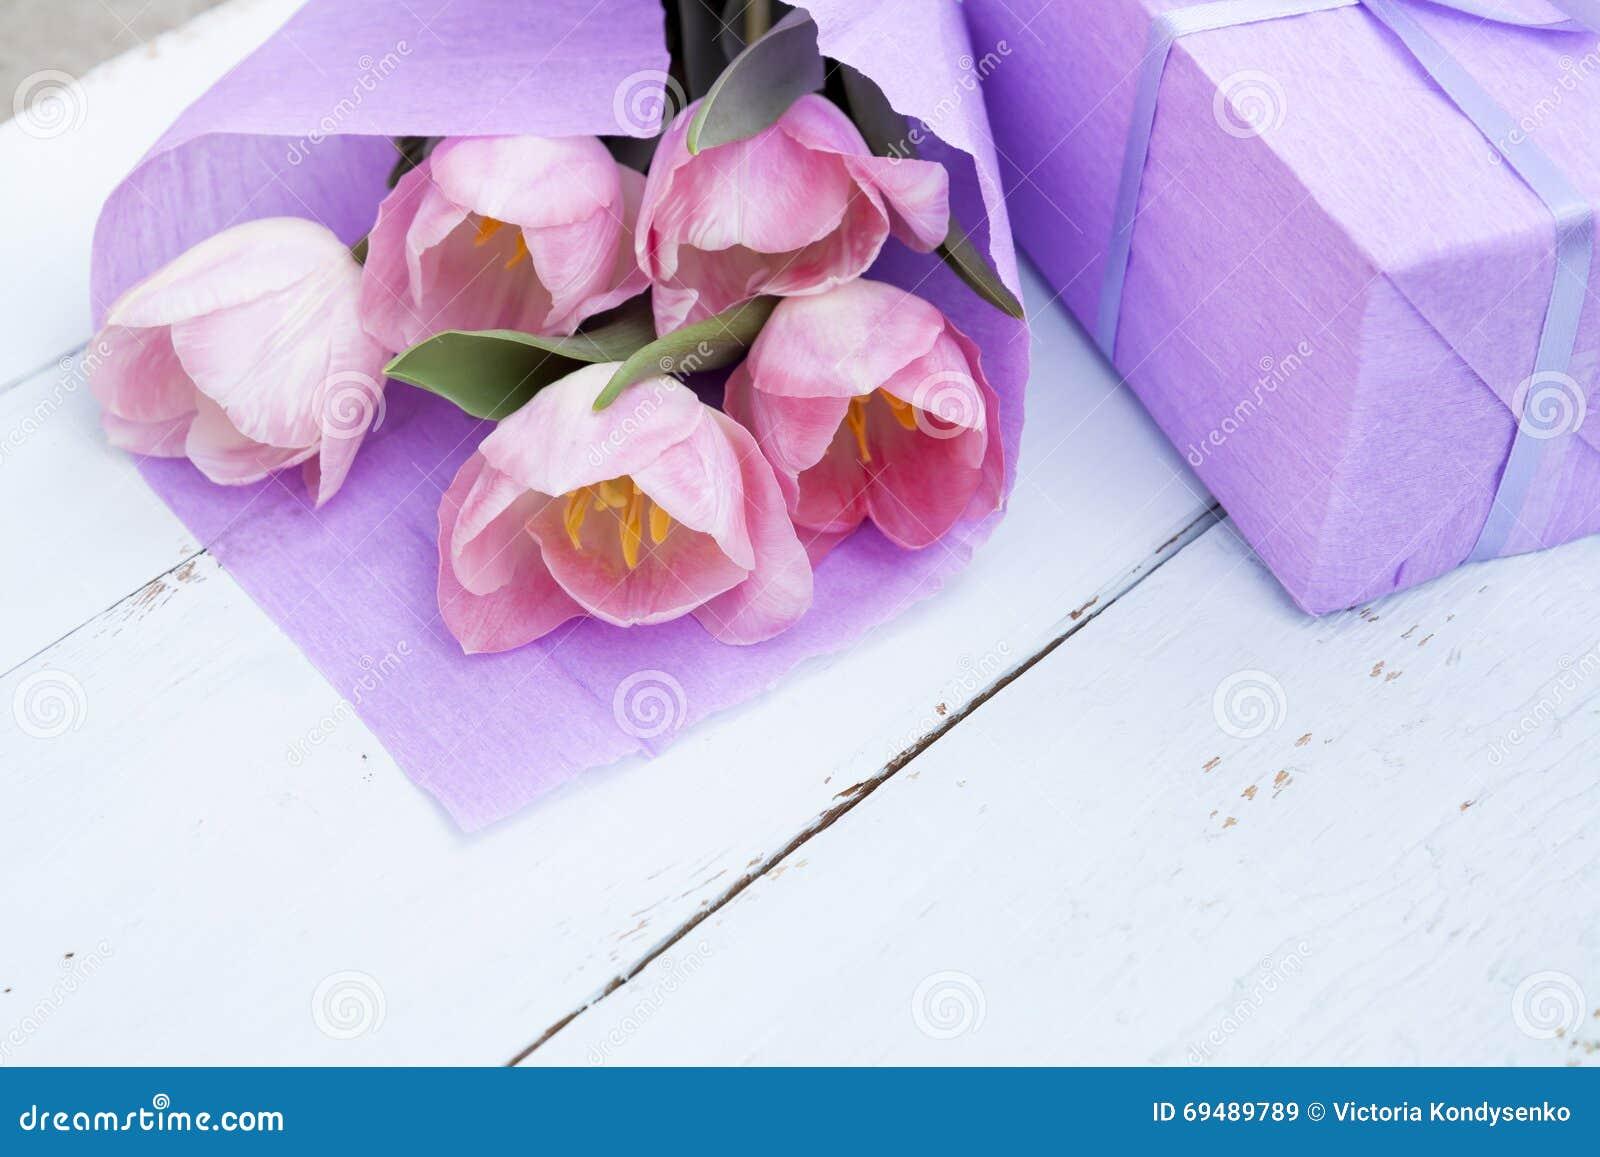 sch ner blumenstrau von rosa tulpen im violetten papier. Black Bedroom Furniture Sets. Home Design Ideas